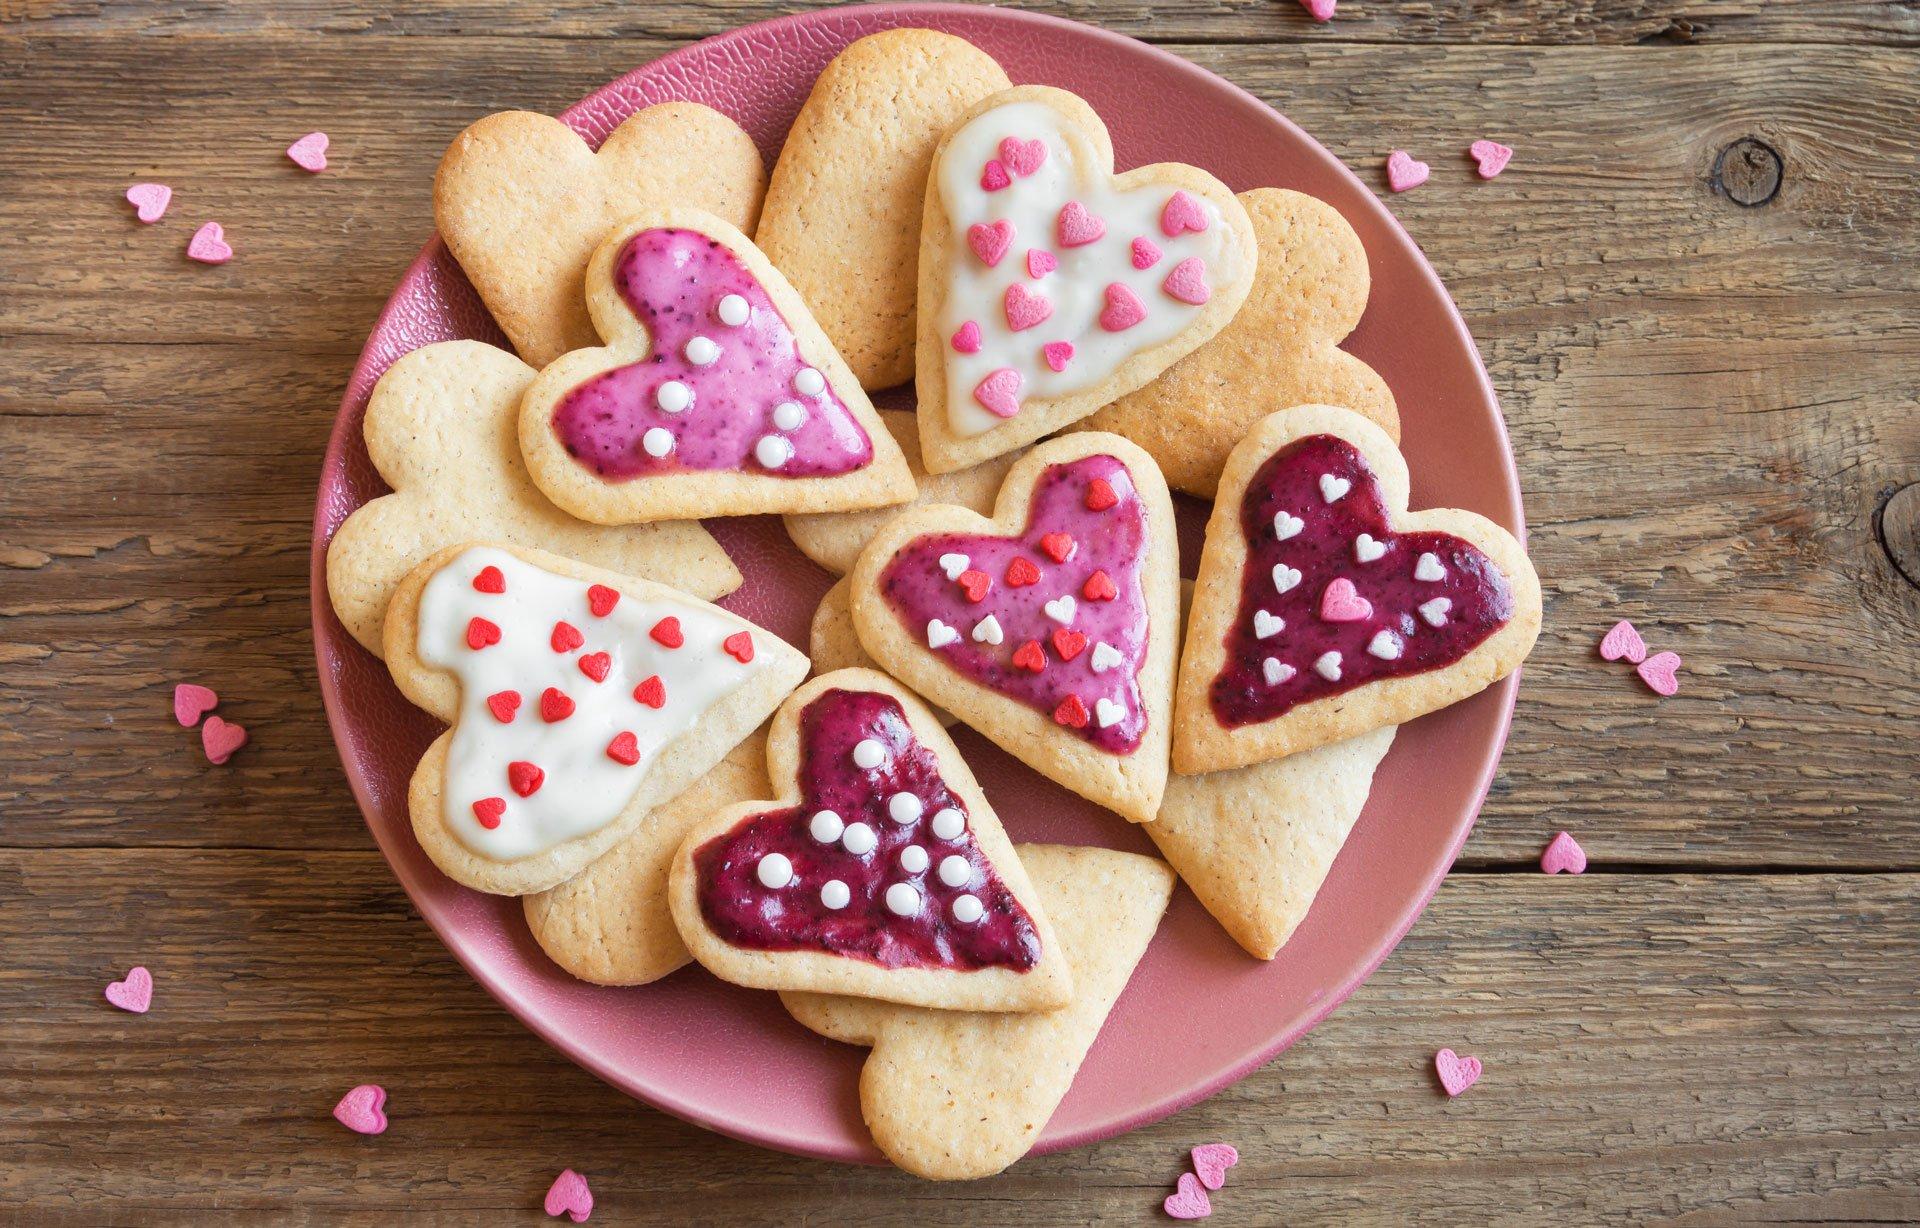 Biscotti da fare con i bambini facili e veloci: ecco le ricette